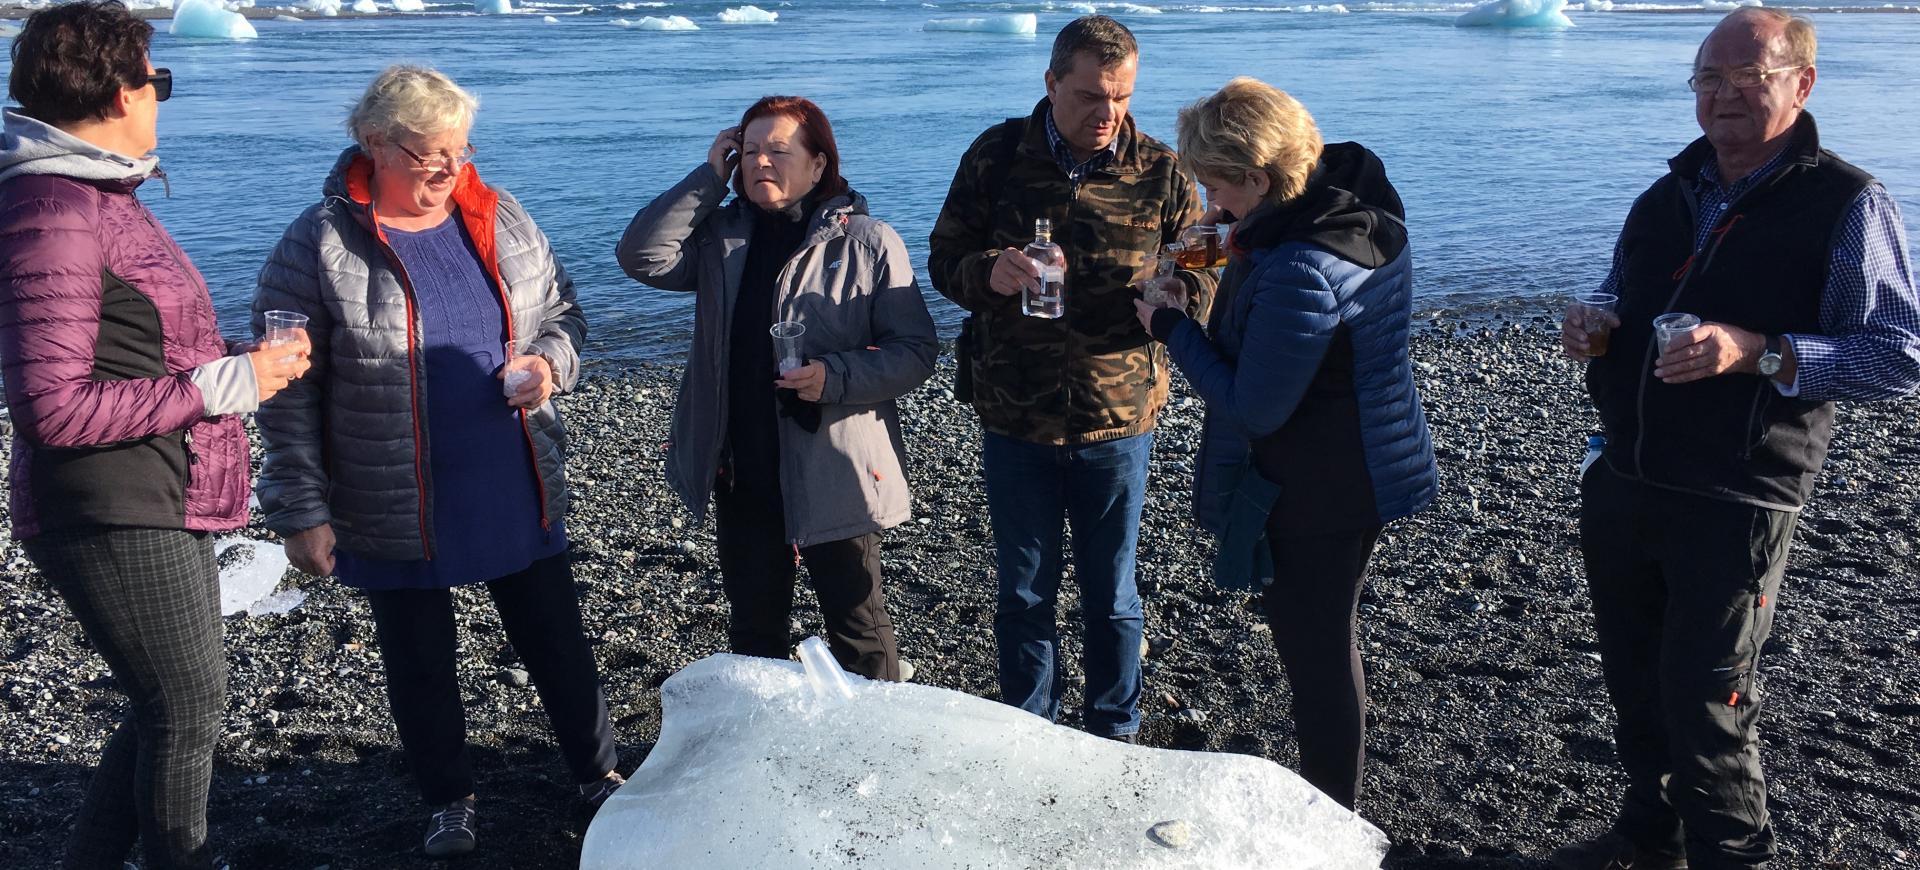 wycieczki-grupowe-islandia